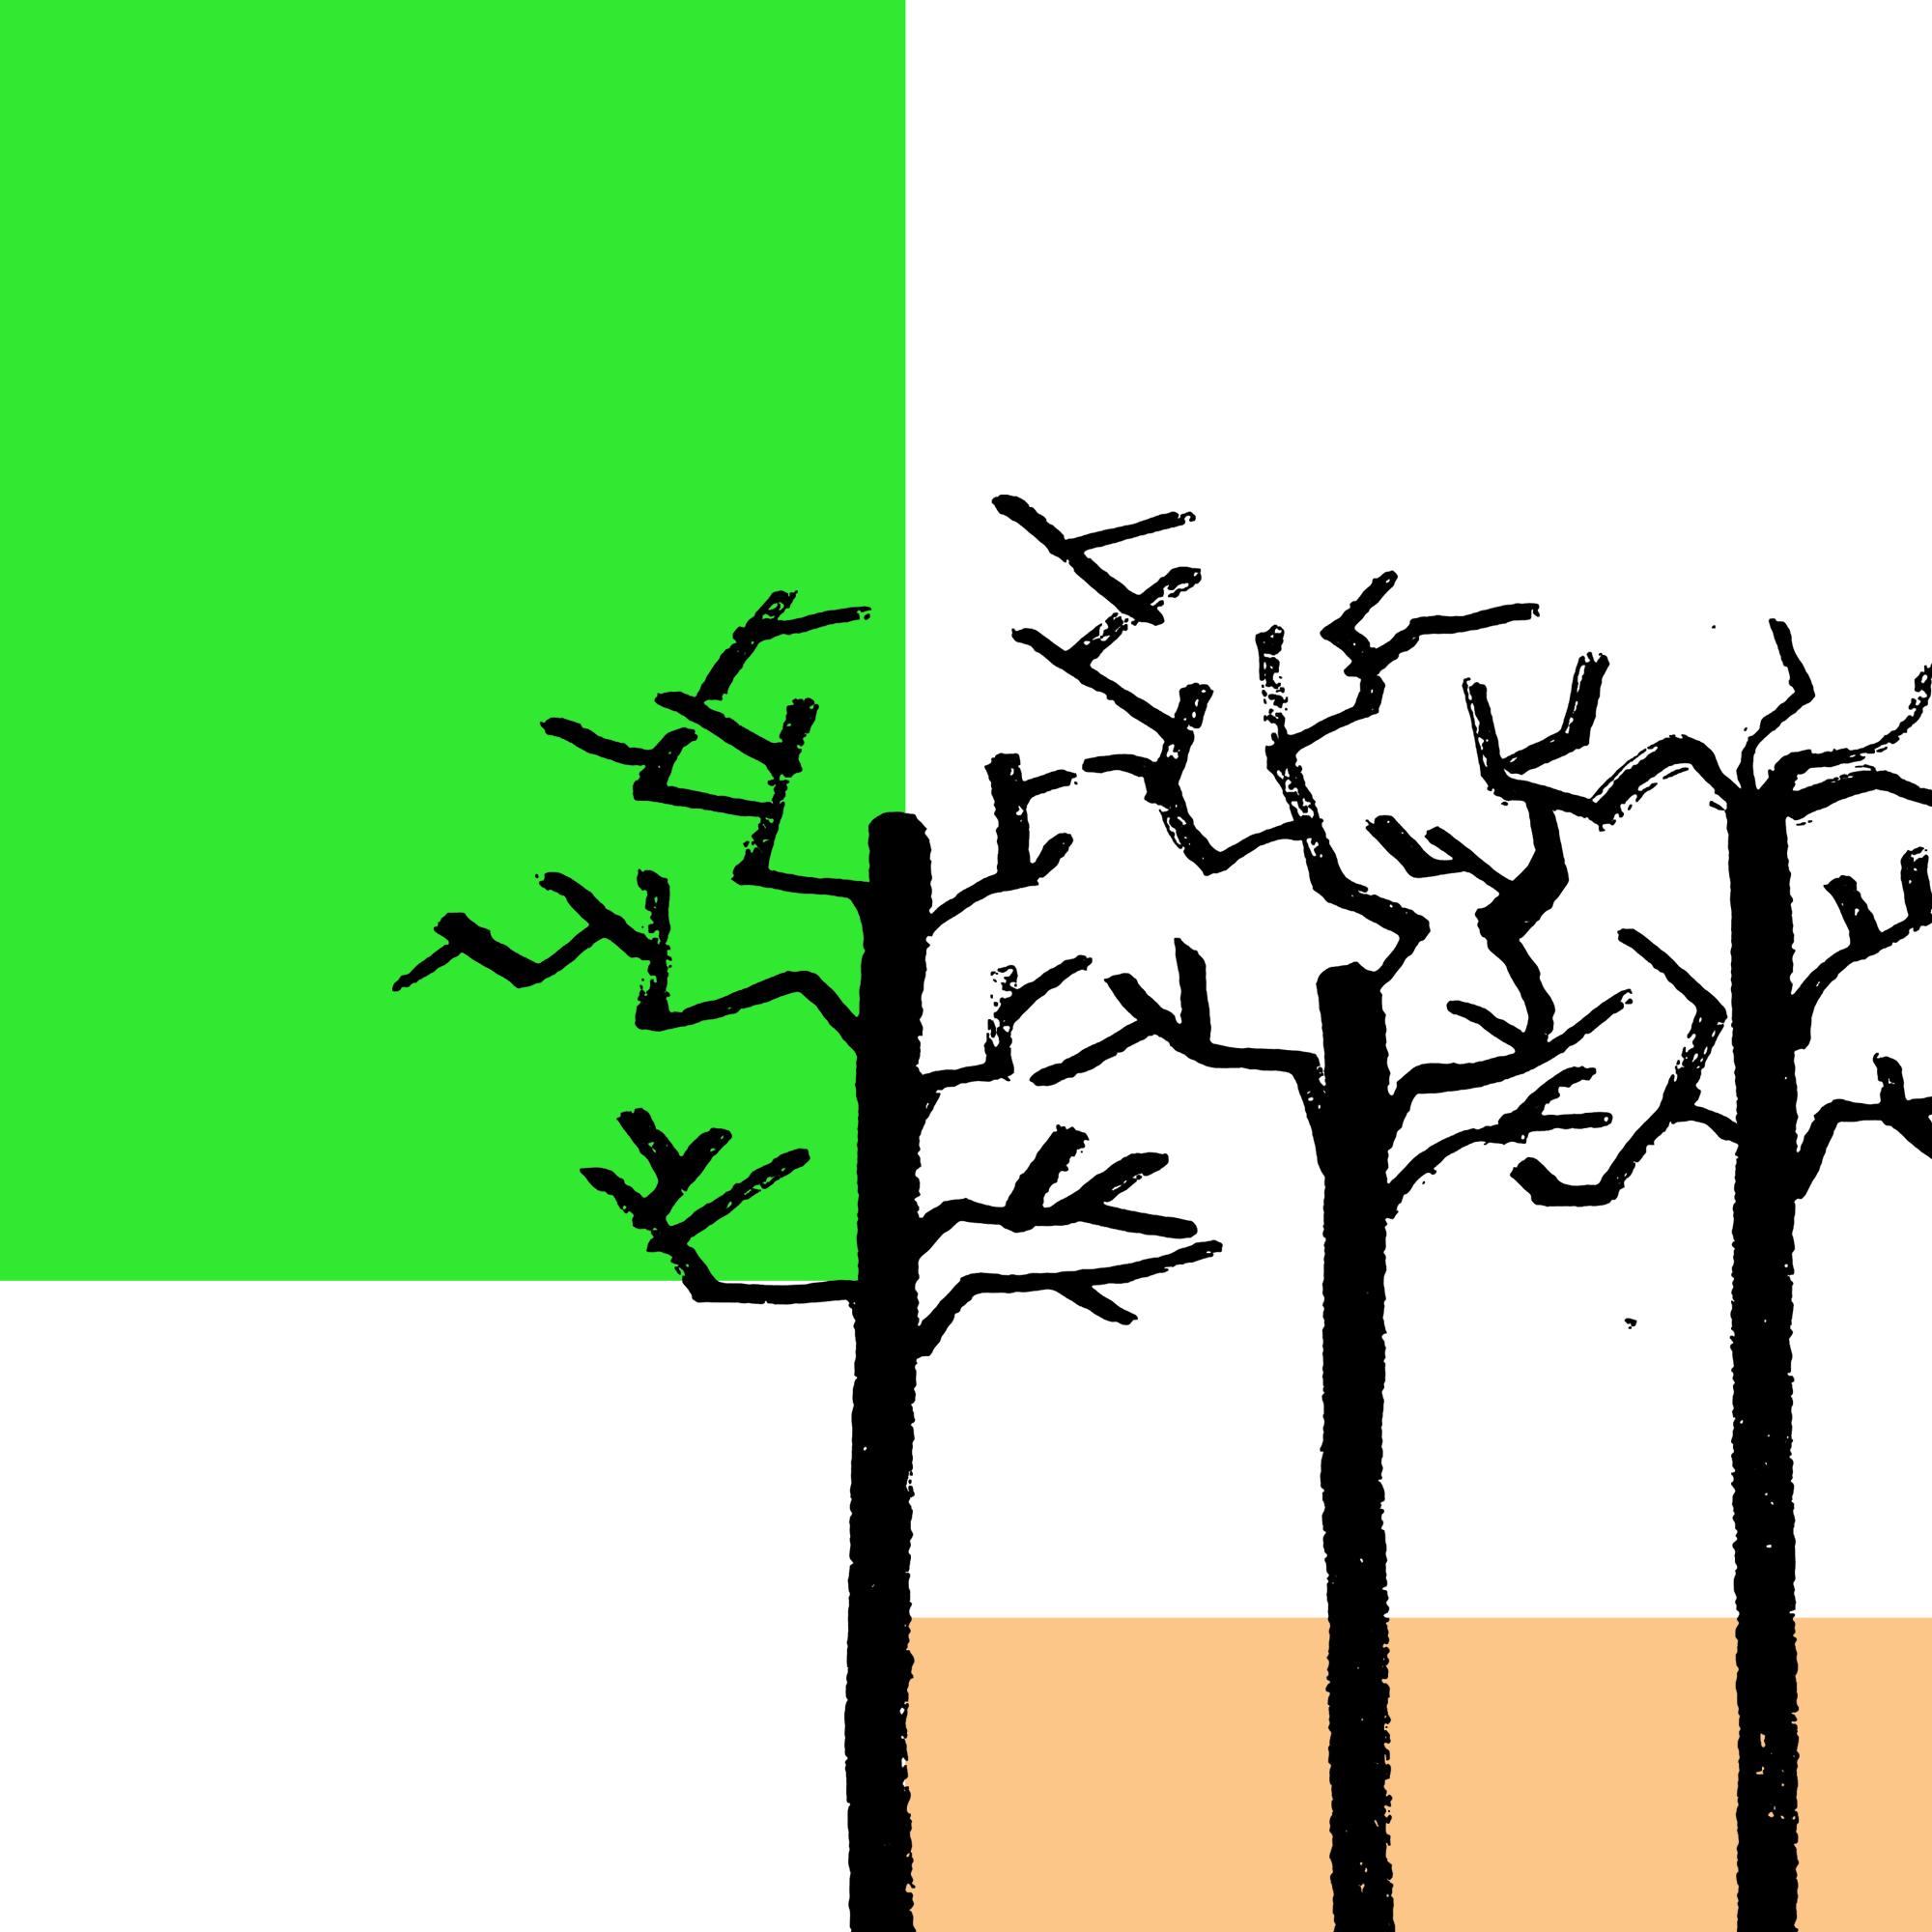 Barwna abstrakcyjna grafika w formacie kwadratu. Na białym tle w lewym górnym rogu widać zielony prostokąt. W prawym dolnym rogu jest pomarańczowy prostokąt z niego wychodzą trzy zarysy drzew bez liści.